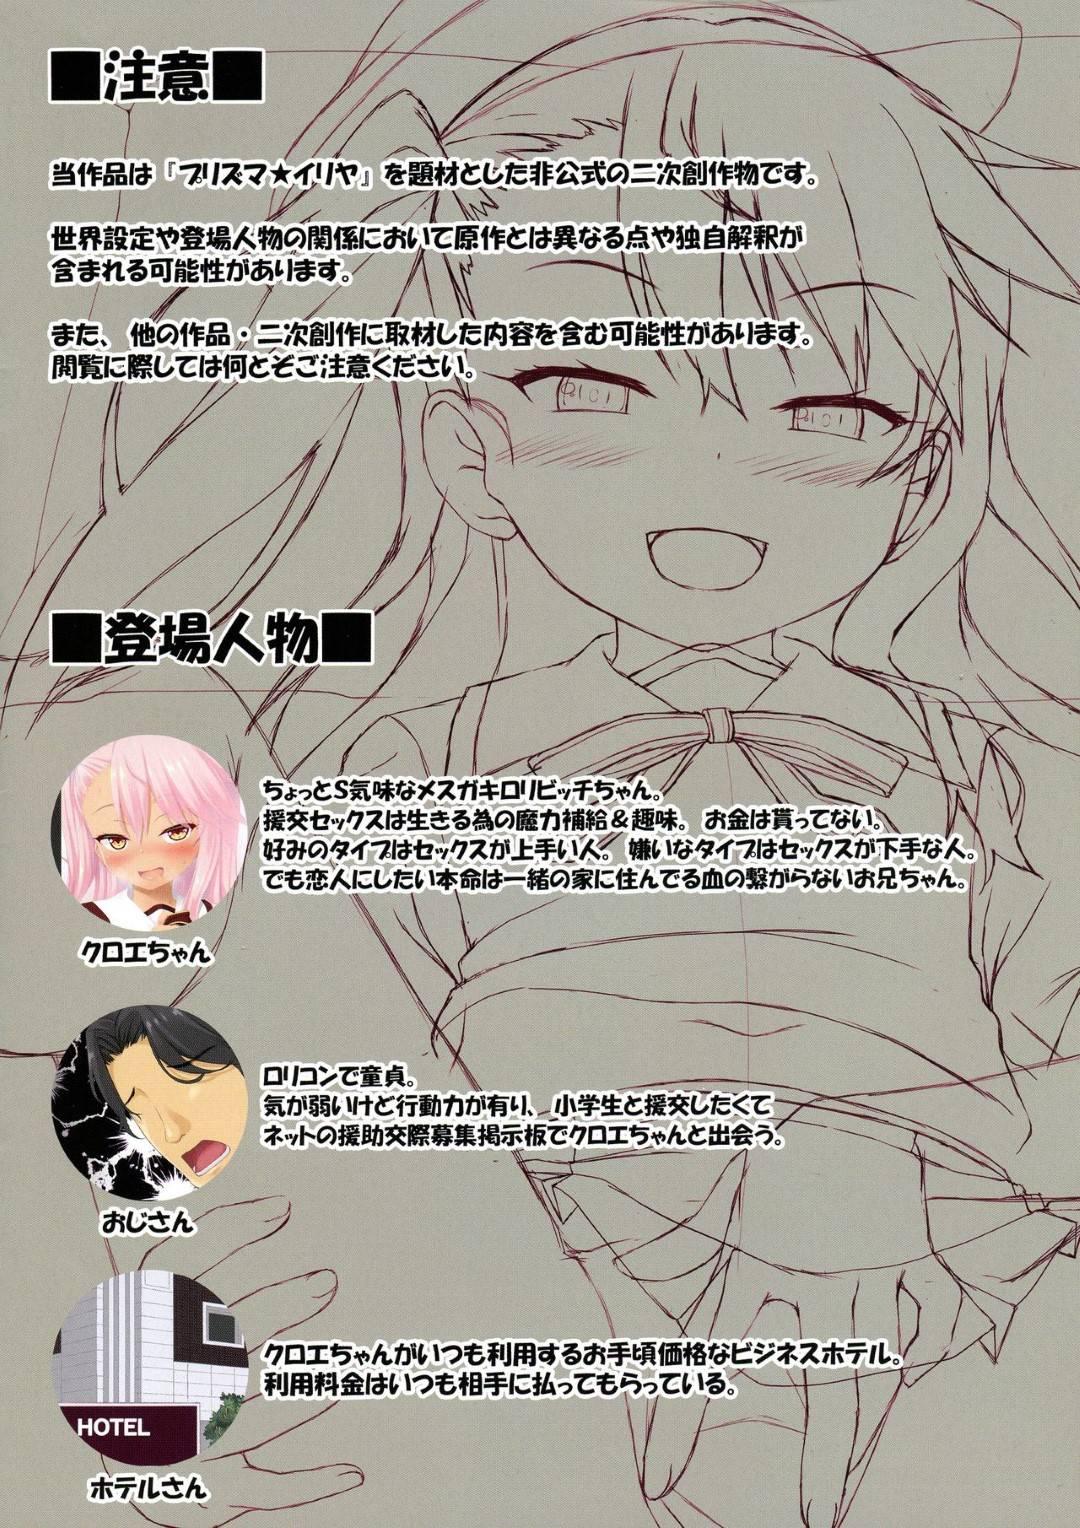 【fateエロ漫画】出会い系アプリで知り合った男とラブホテルに入ったクロエ。彼女は童貞のおじさんをからかうようにフェラで口内射精させ、正常位で筆おろしセックスするように促す。【イチオ】